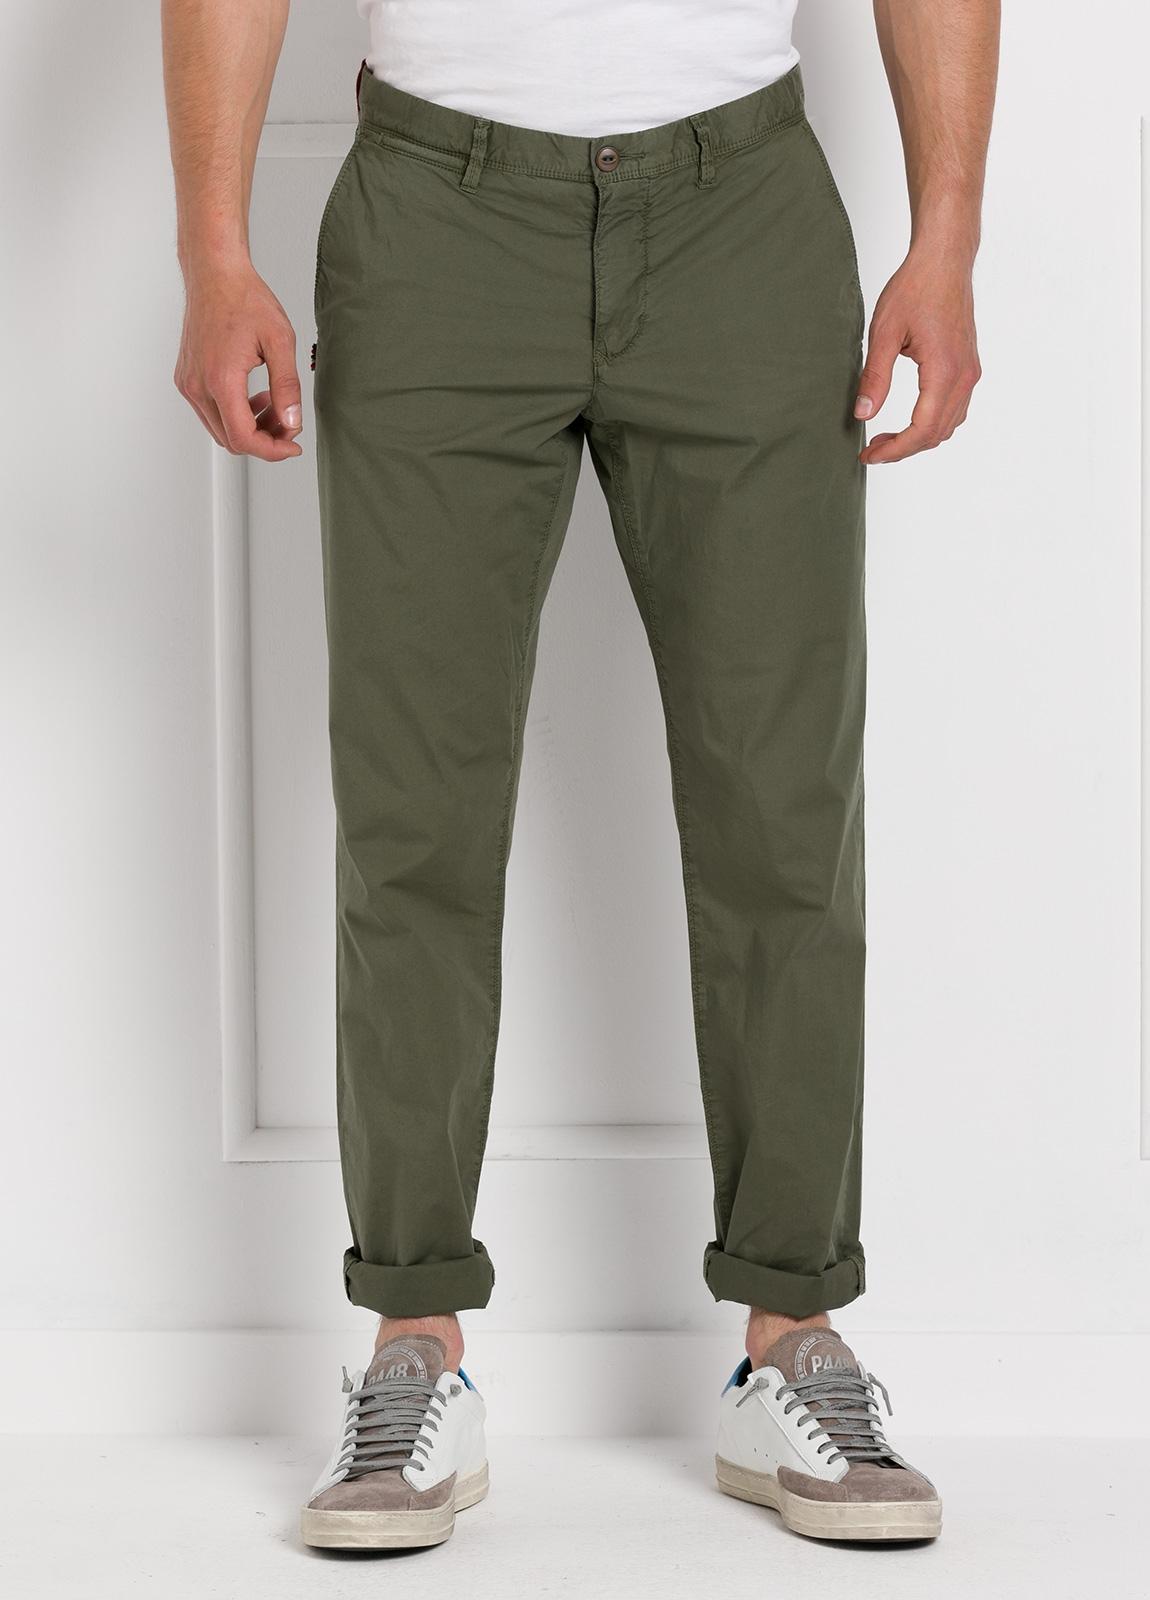 Pantalón chino ligeramente slim fit modelo OSCAR color verde oscuro. 100% Algodón popelín.